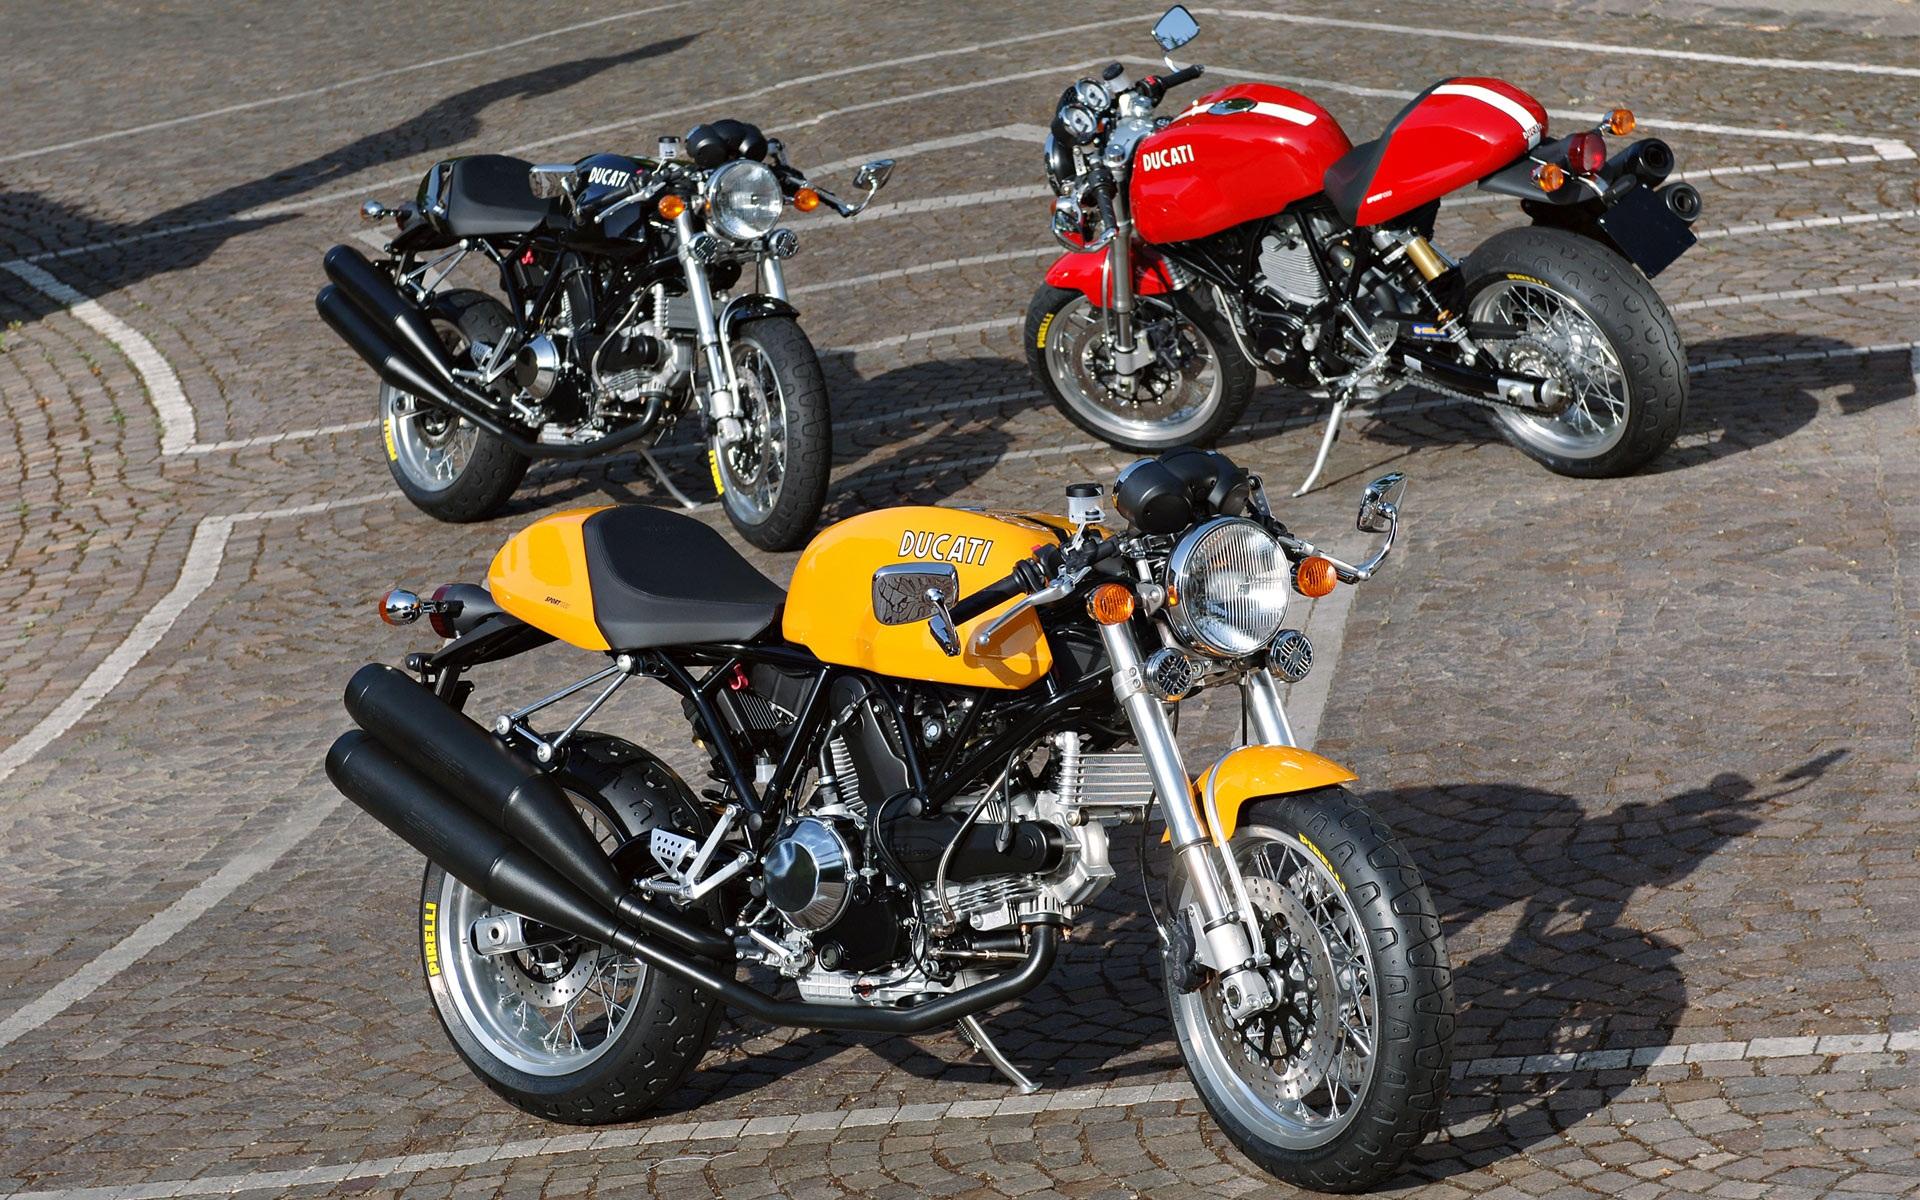 Ducati Sport 1000 Classic Wallpapers - 1920x1200 - 913918